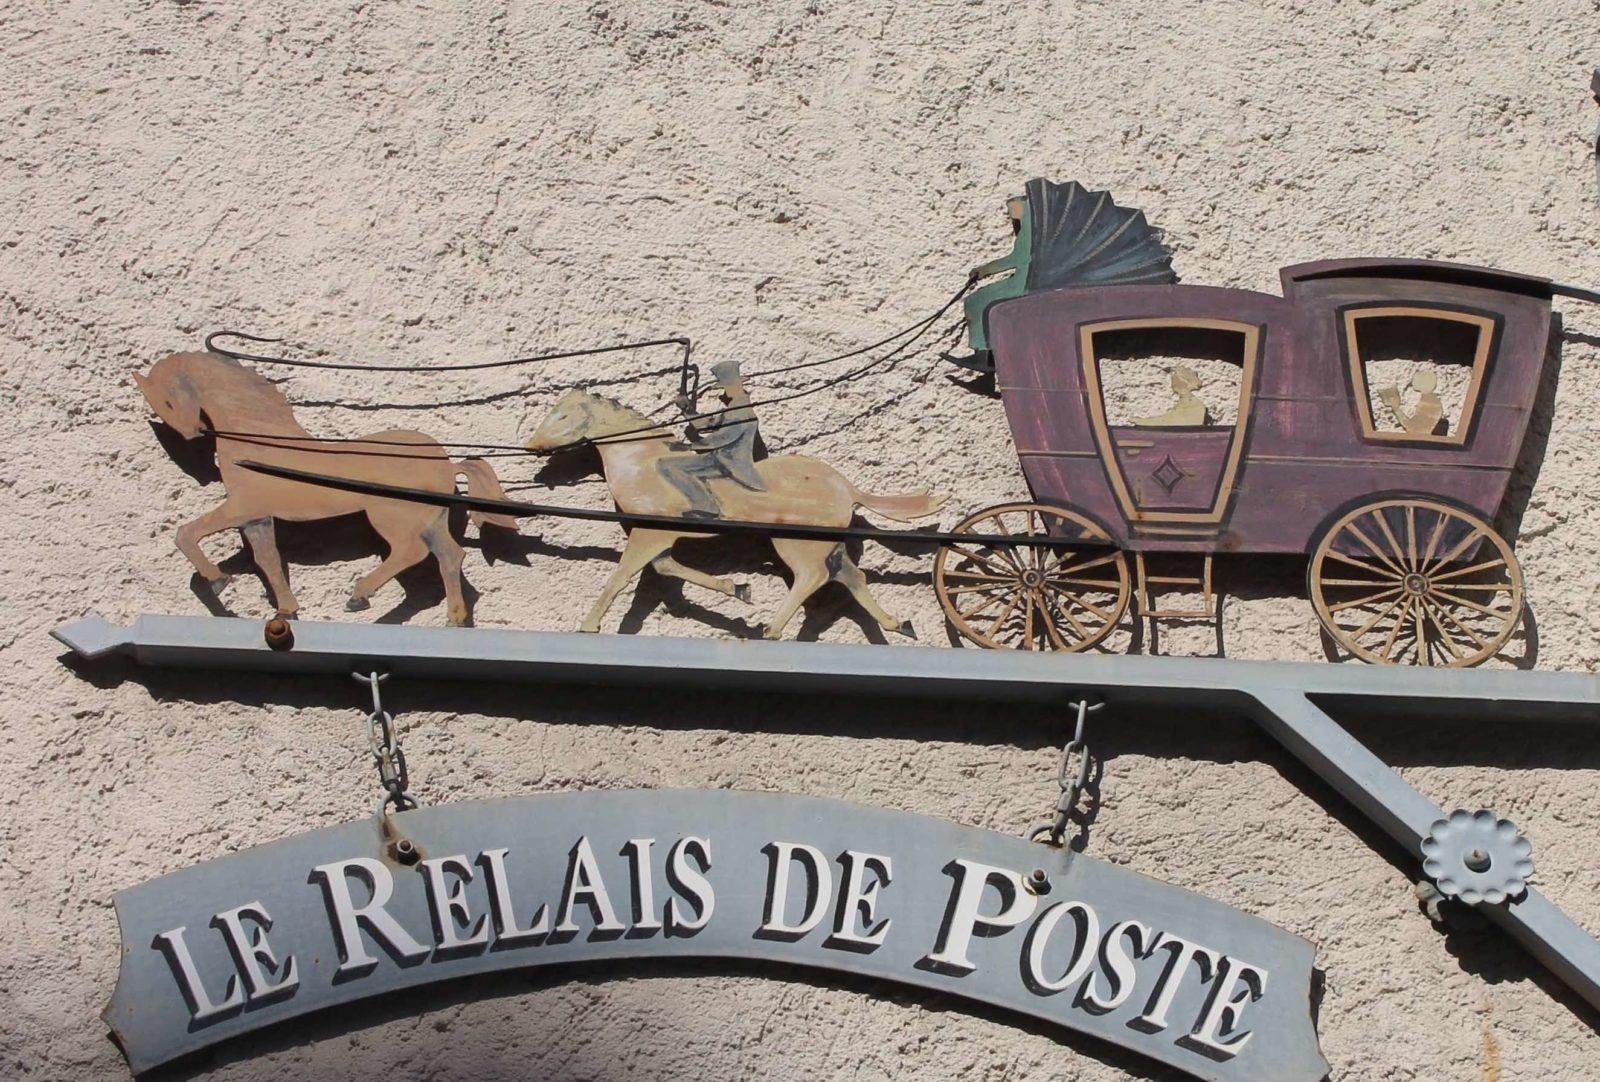 Chamonix Le relais de poste